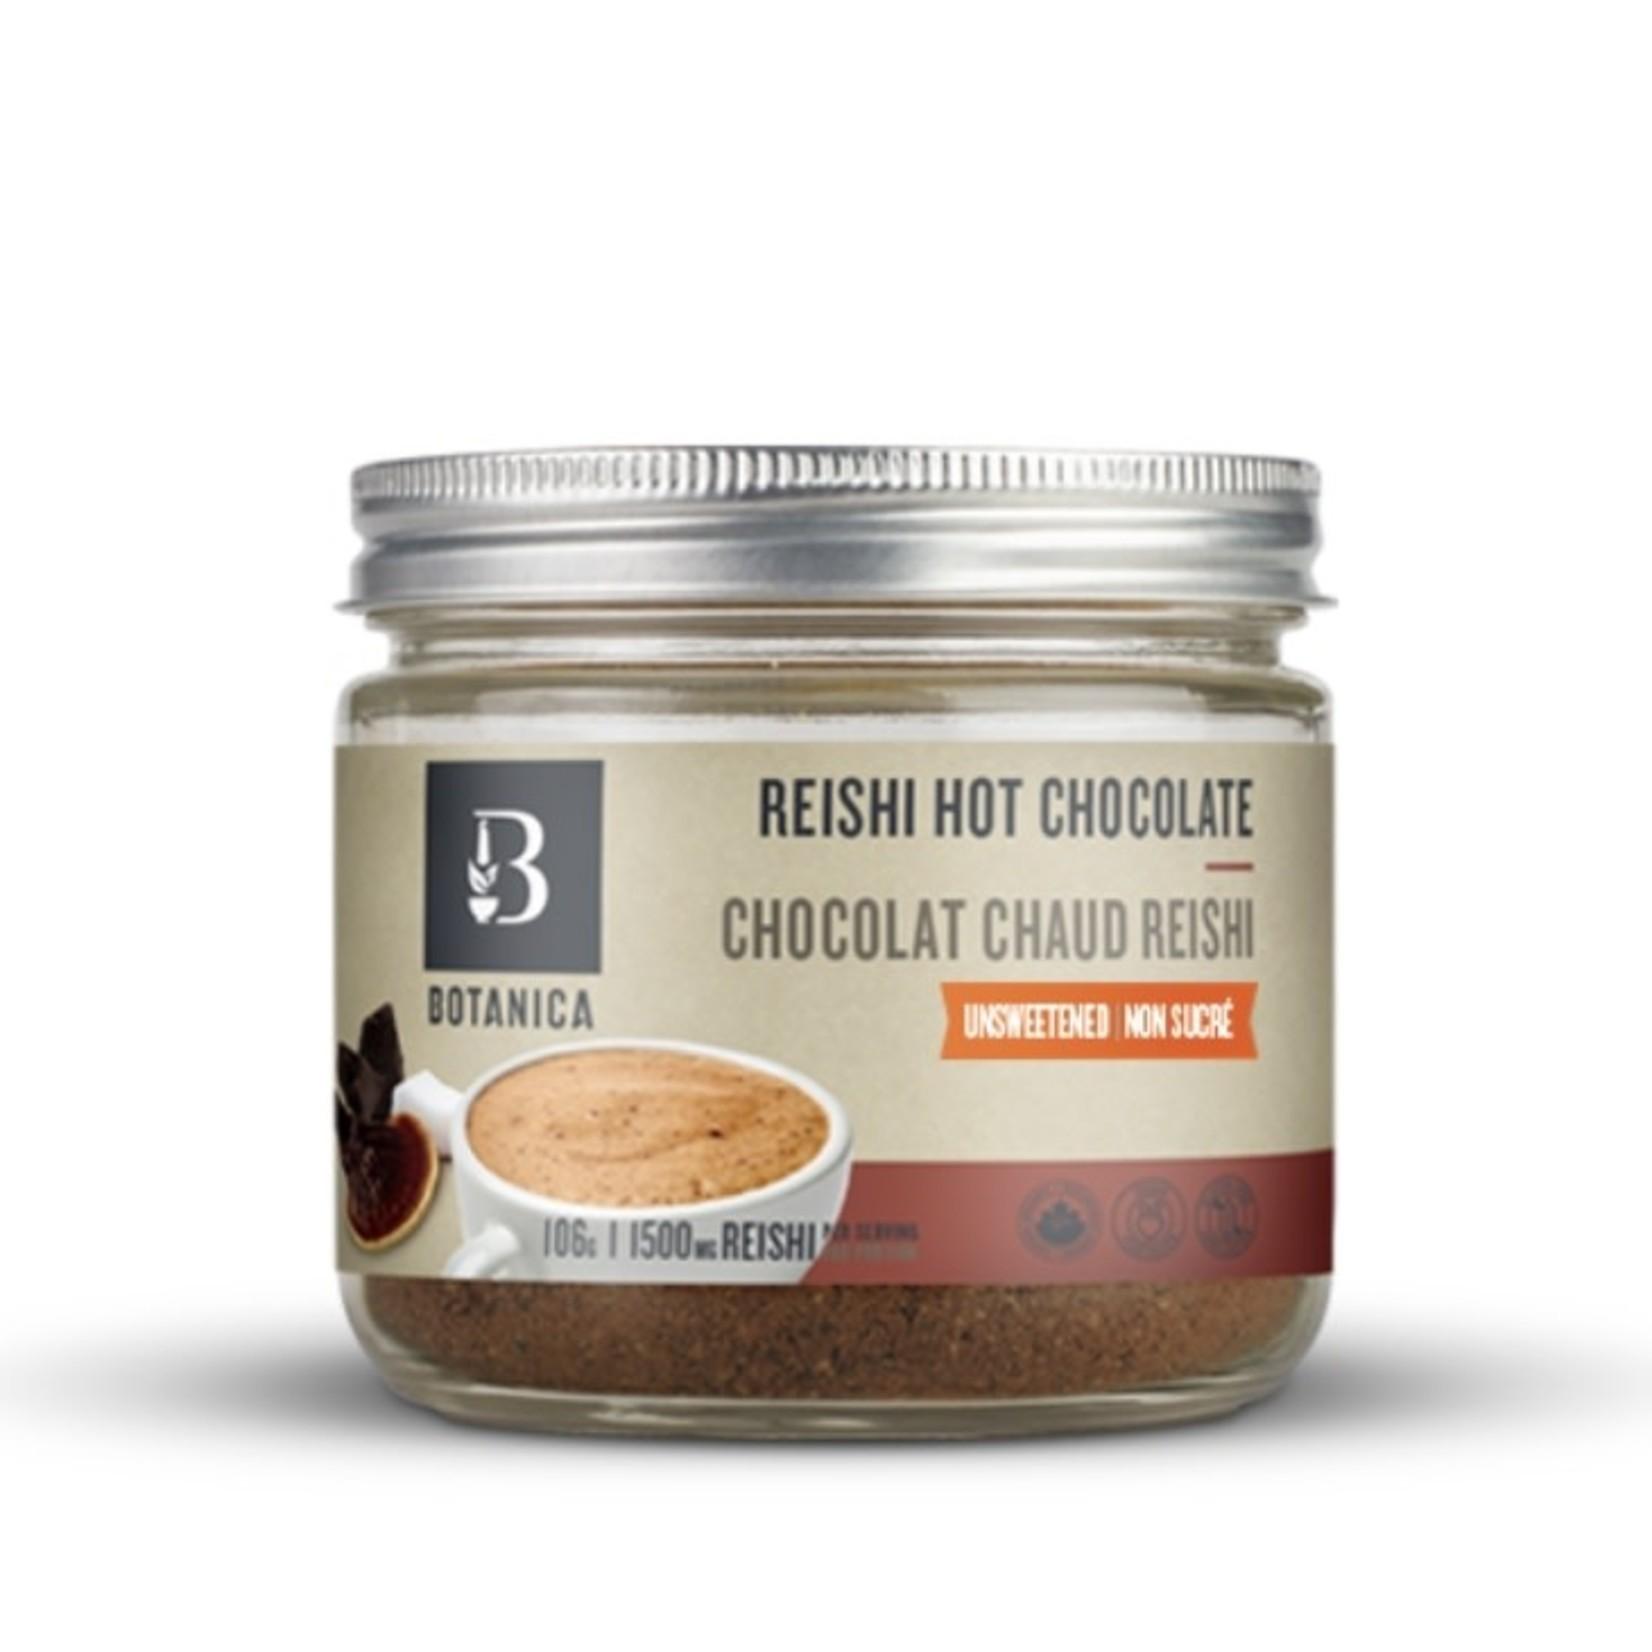 Botanica Botanica Reishi Hot Chocolate 106g